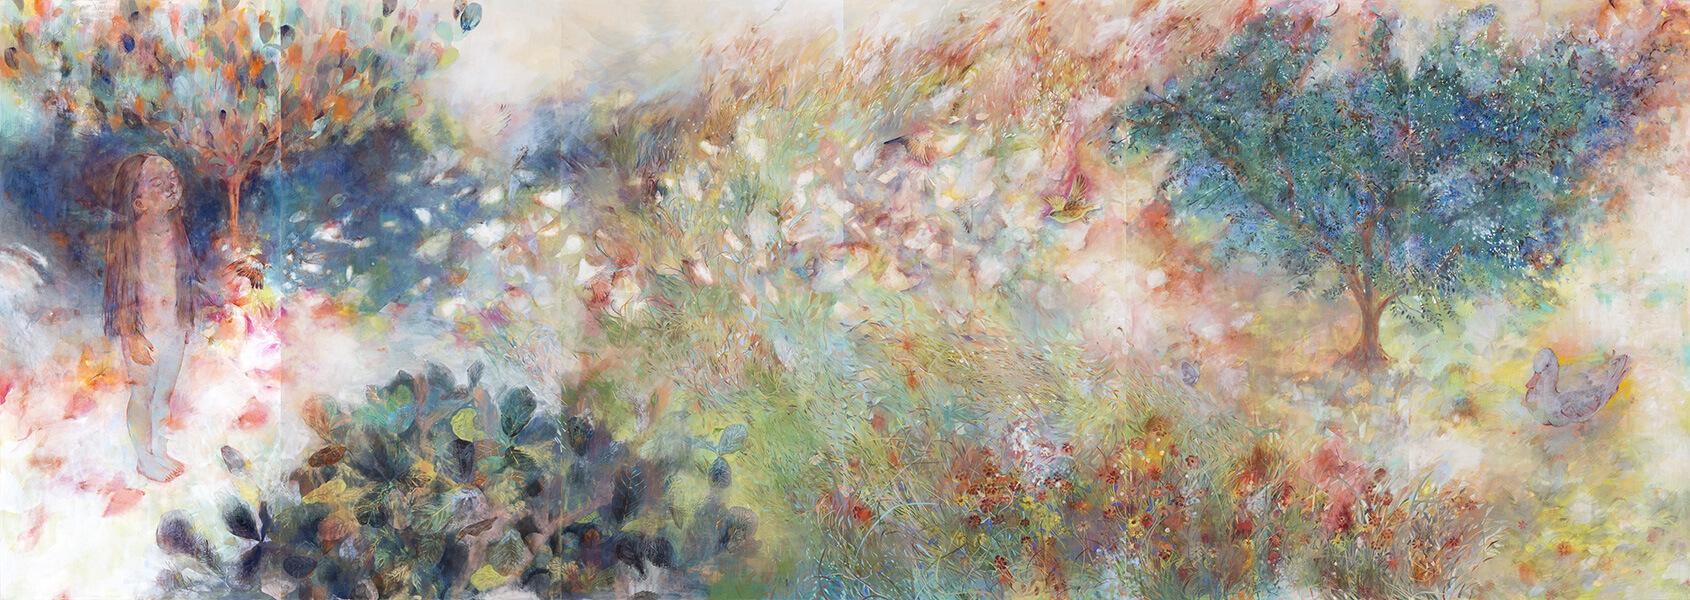 [写真]小林実沙紀《泉へ向かうものたちの声を聴く》2017-2018年、麻紙・岩絵具・水干絵具・金箔、170×480cm